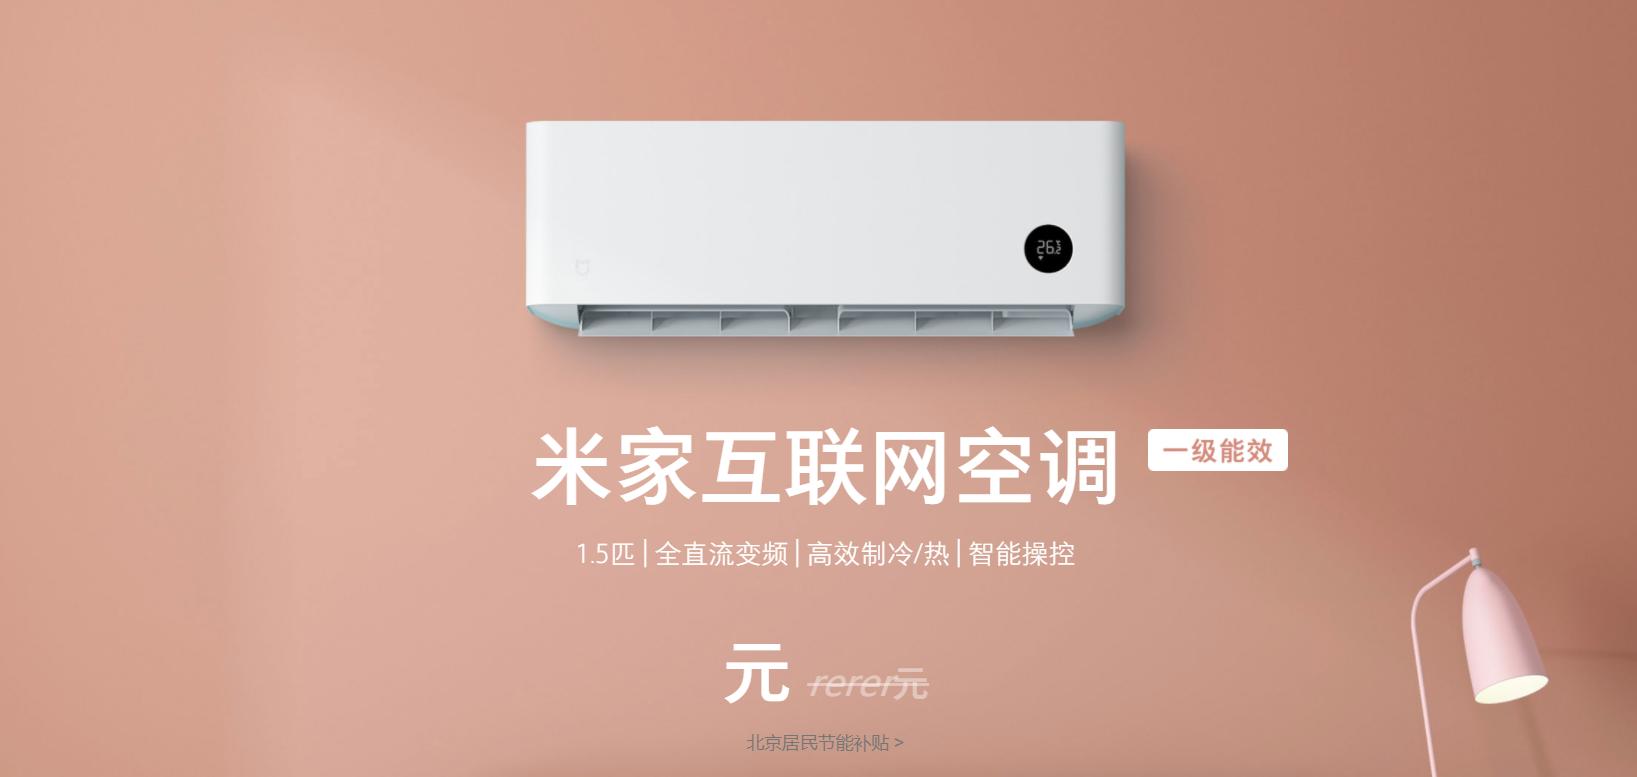 米家互联网空调使用感受_米家互联网空调使用体验